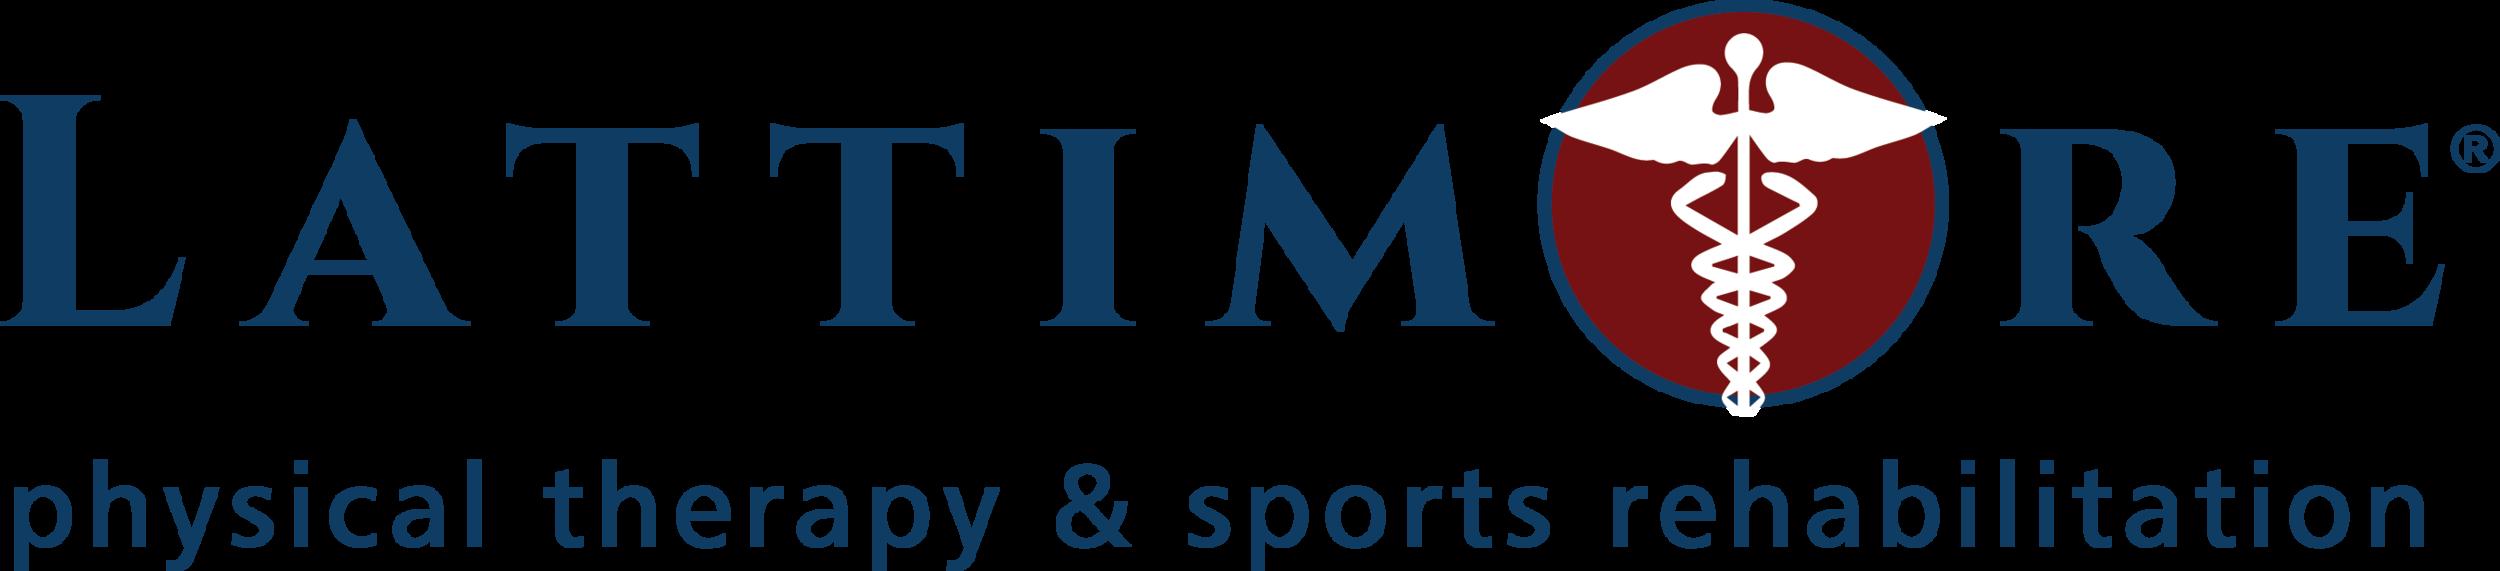 Lattimore Corporate Logo